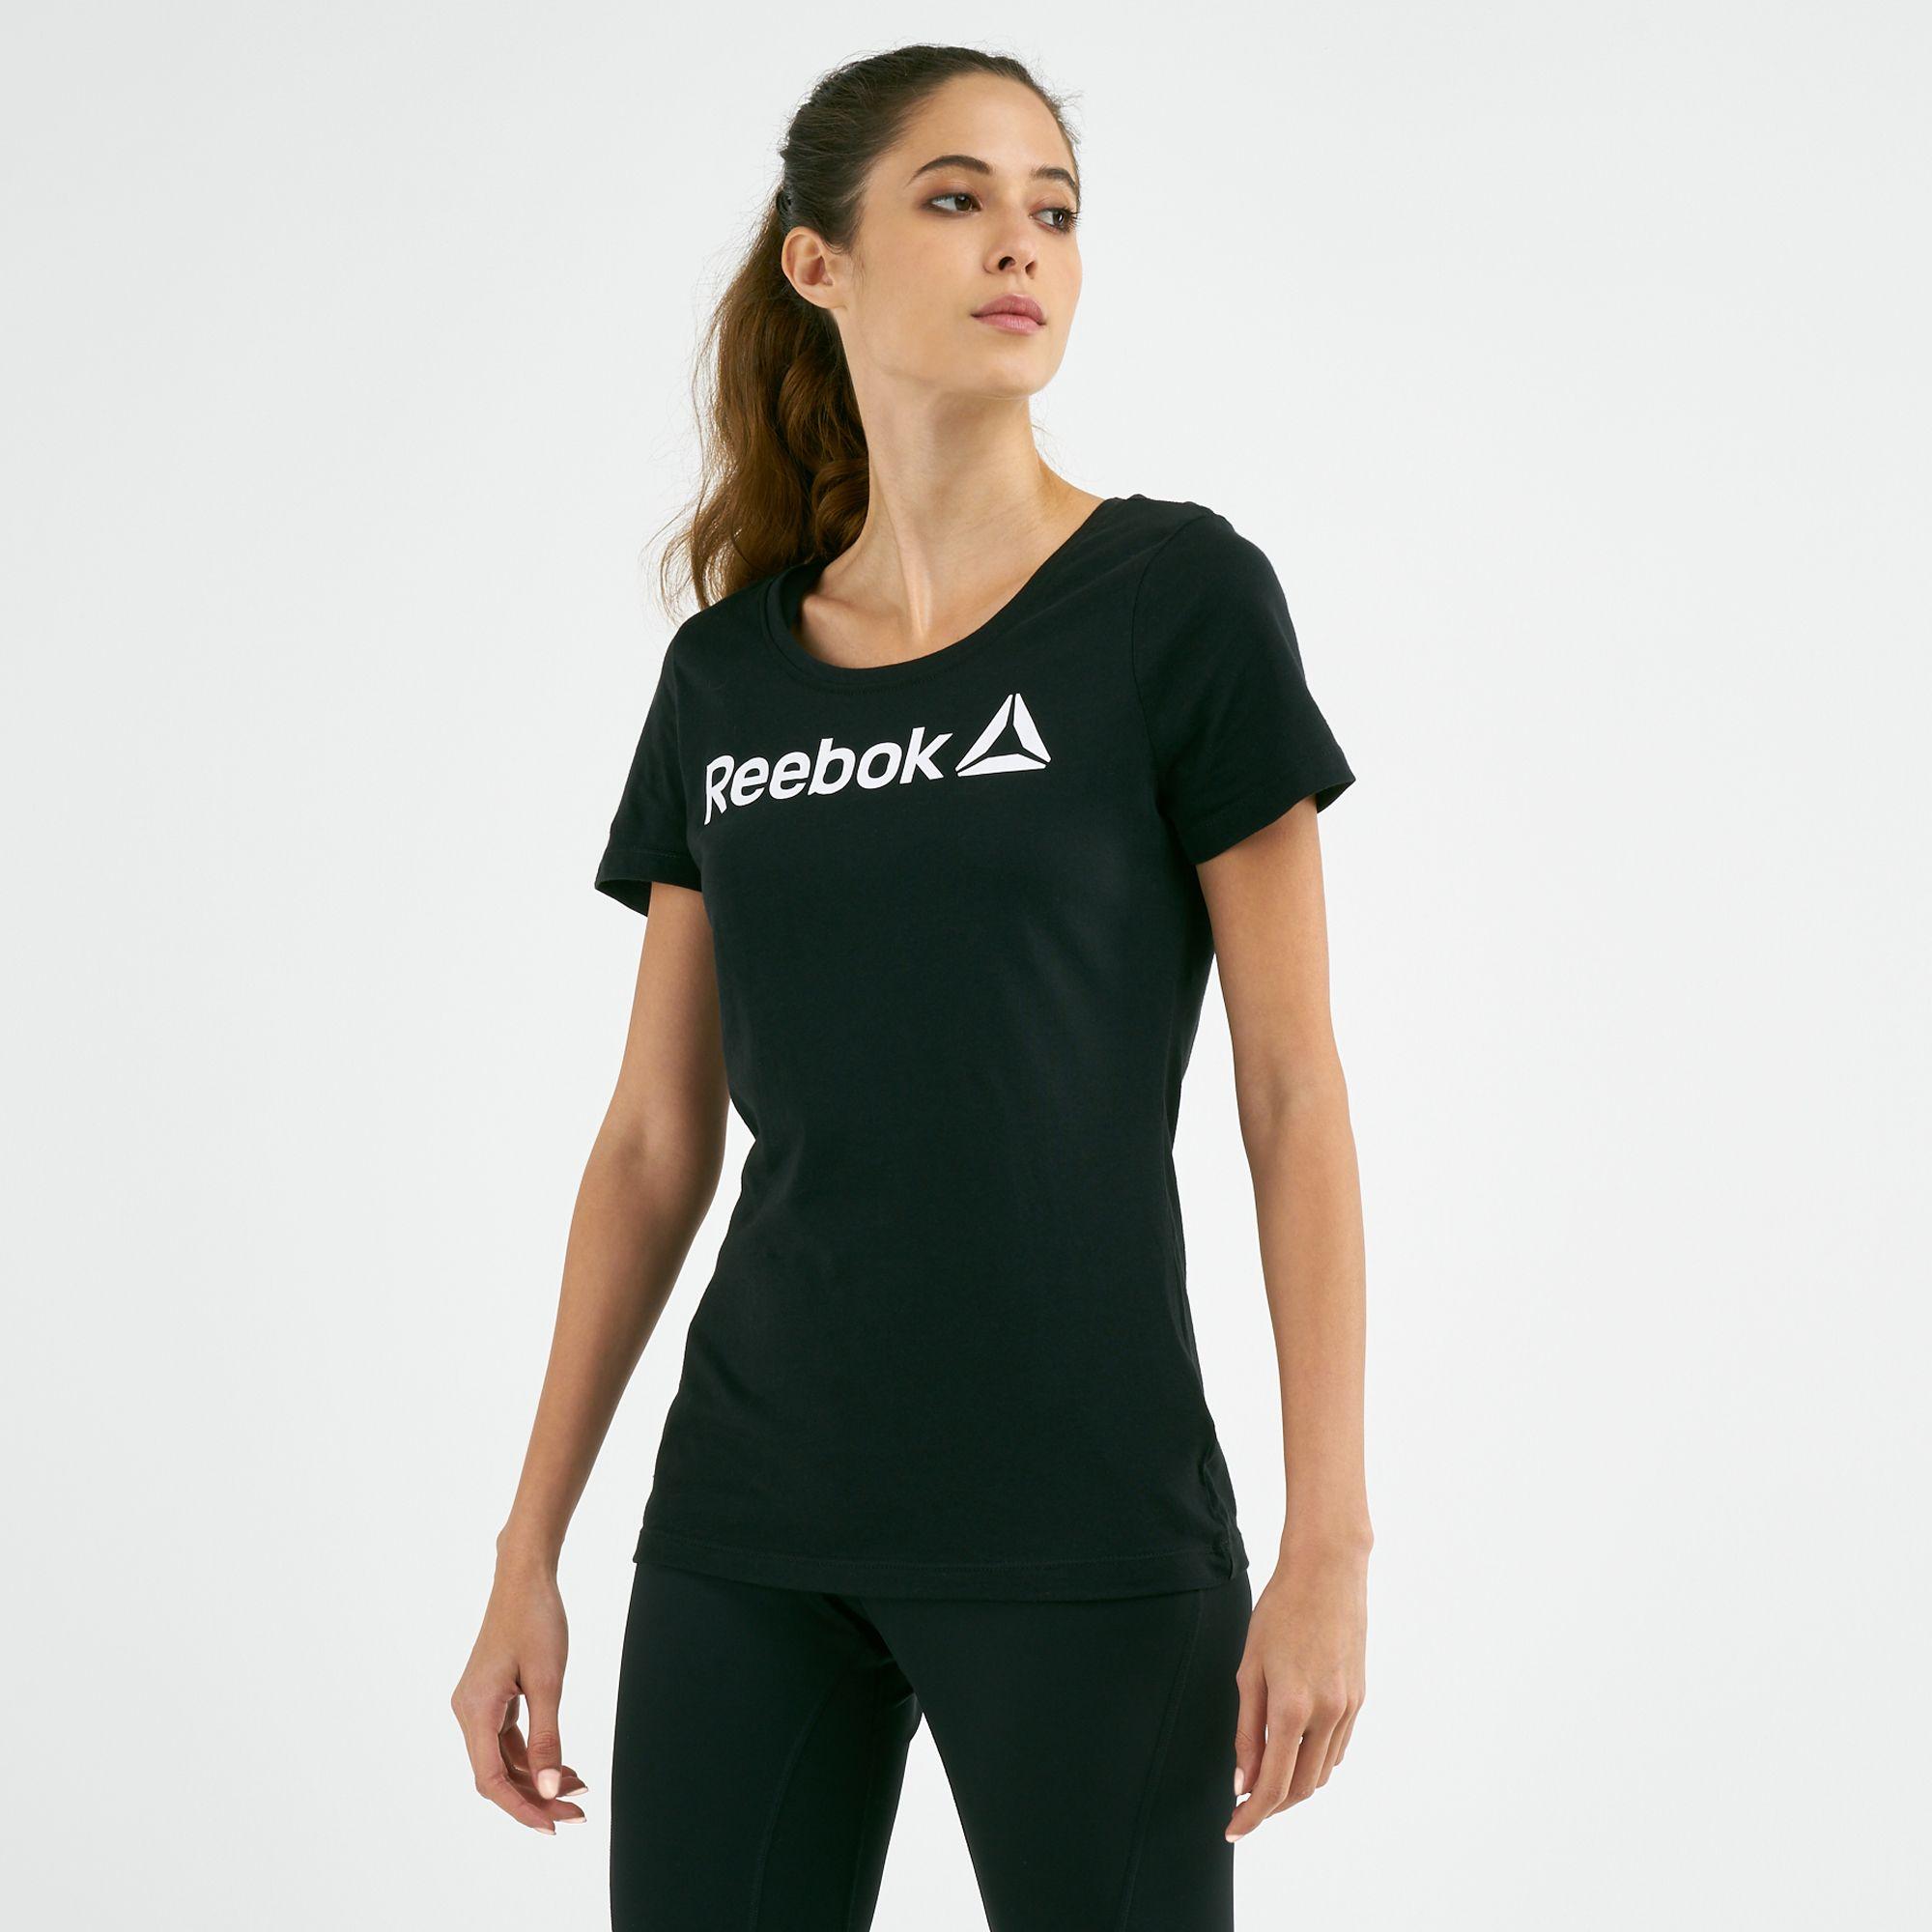 Reebok Women's Linear Scoop Neck T-shirt